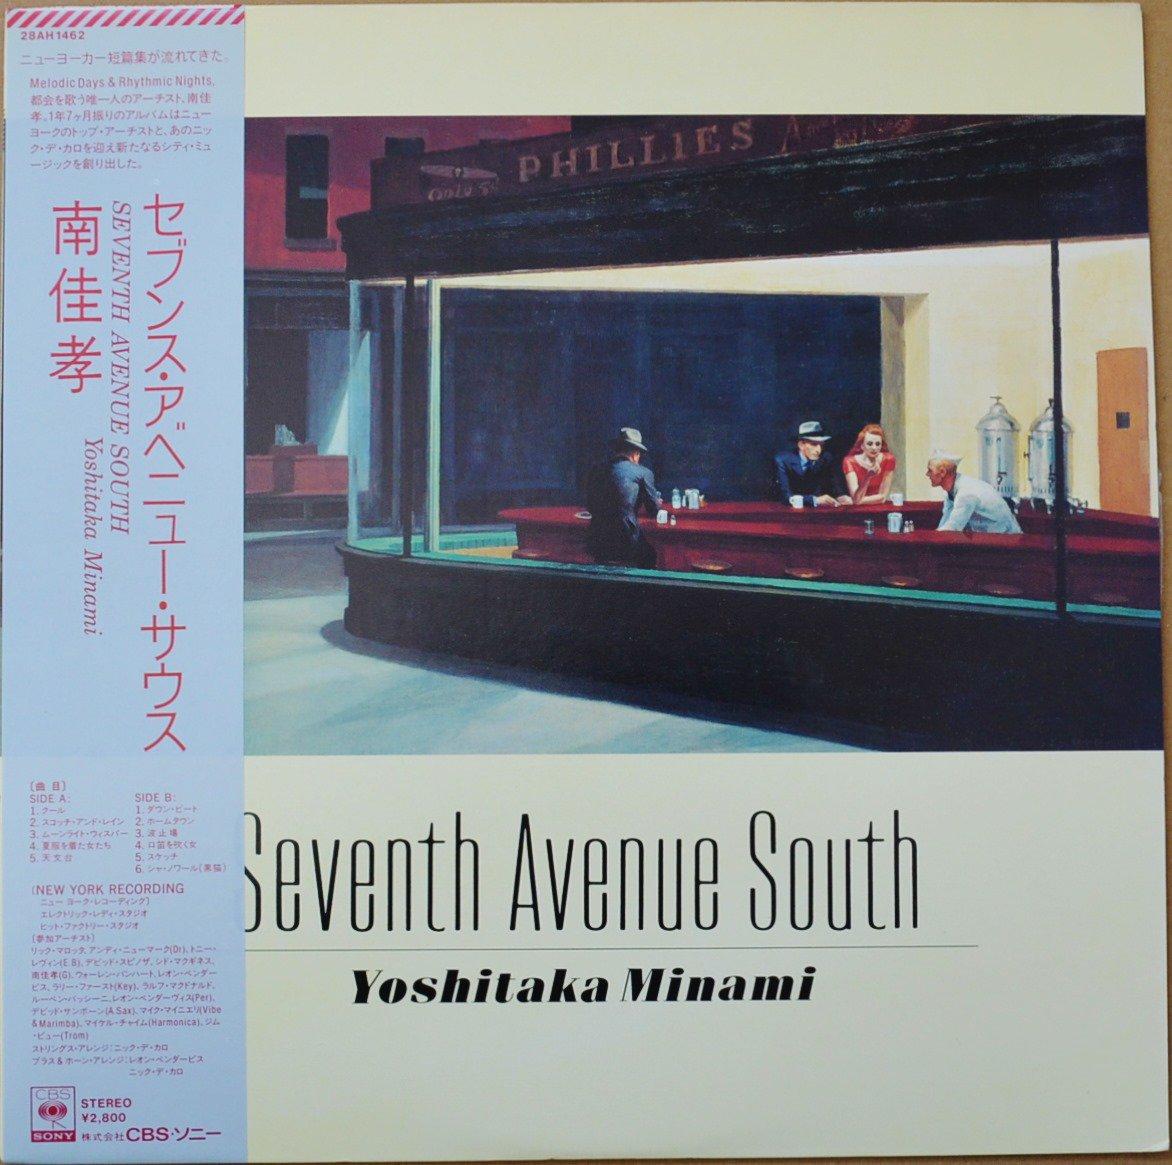 南佳孝 YOSHITAKA MINAMI / セブンス・アベニュー・サウス SEVENTH AVENUE SOUTH (LP)